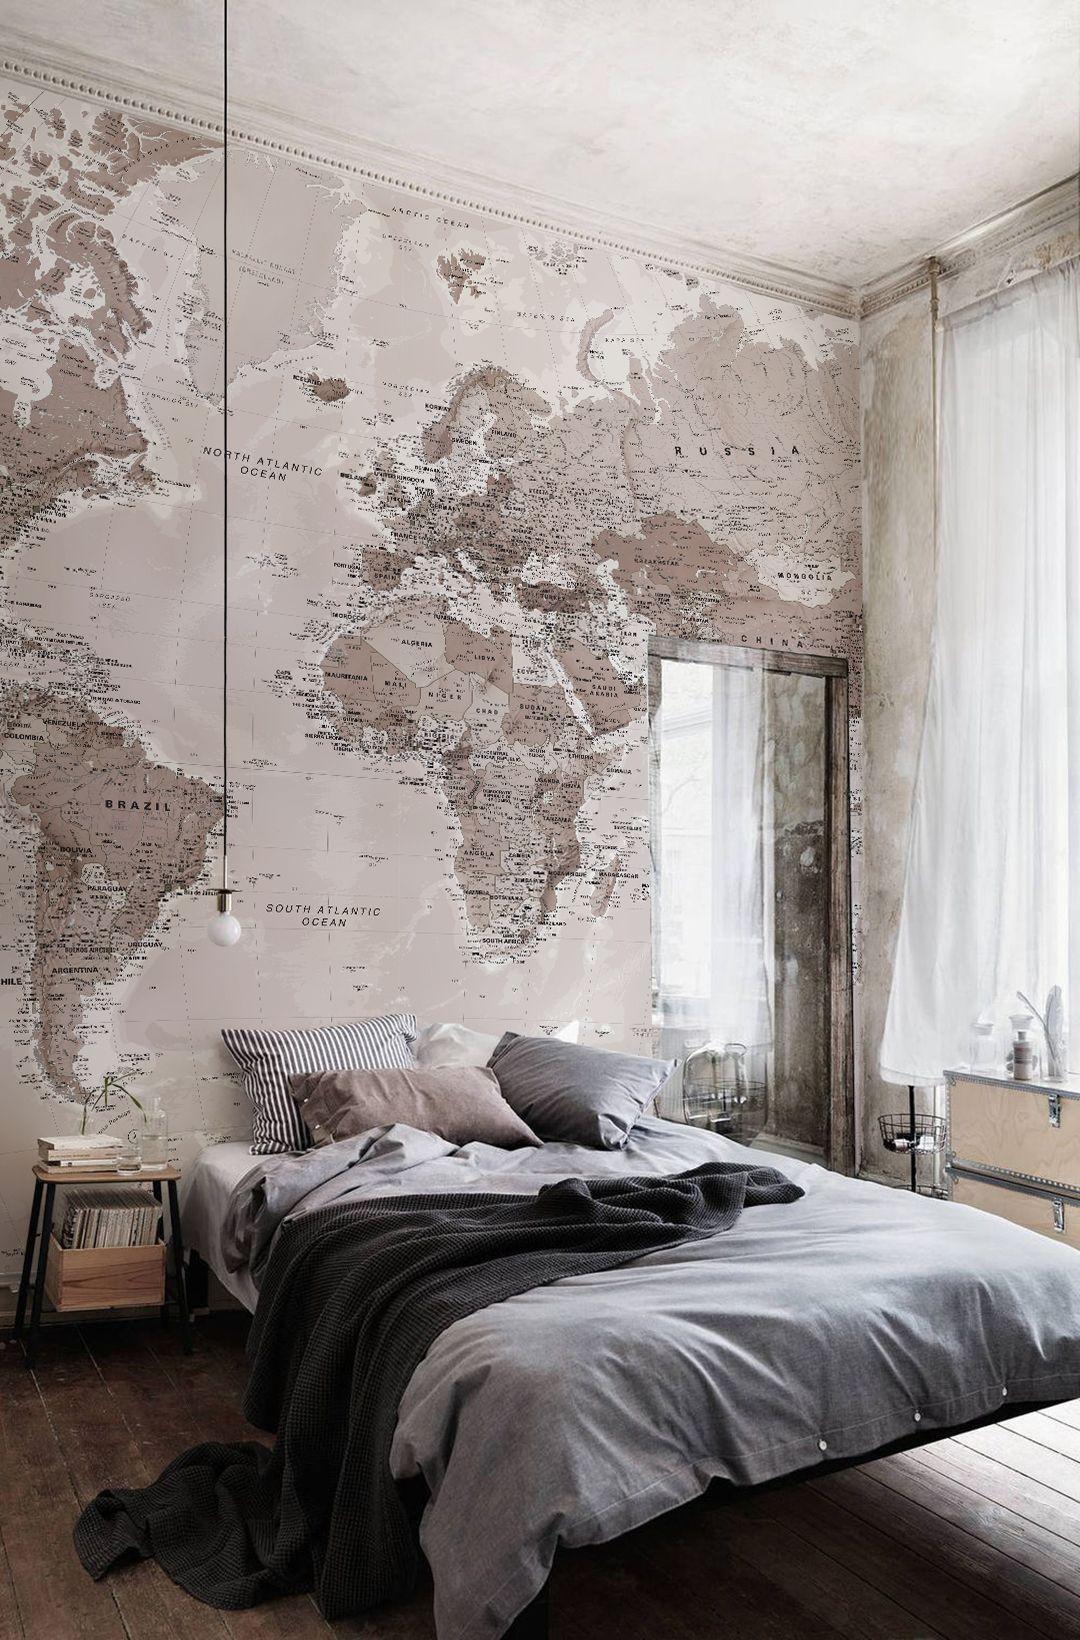 Le papier peint carte du monde plonge la chambre dans une